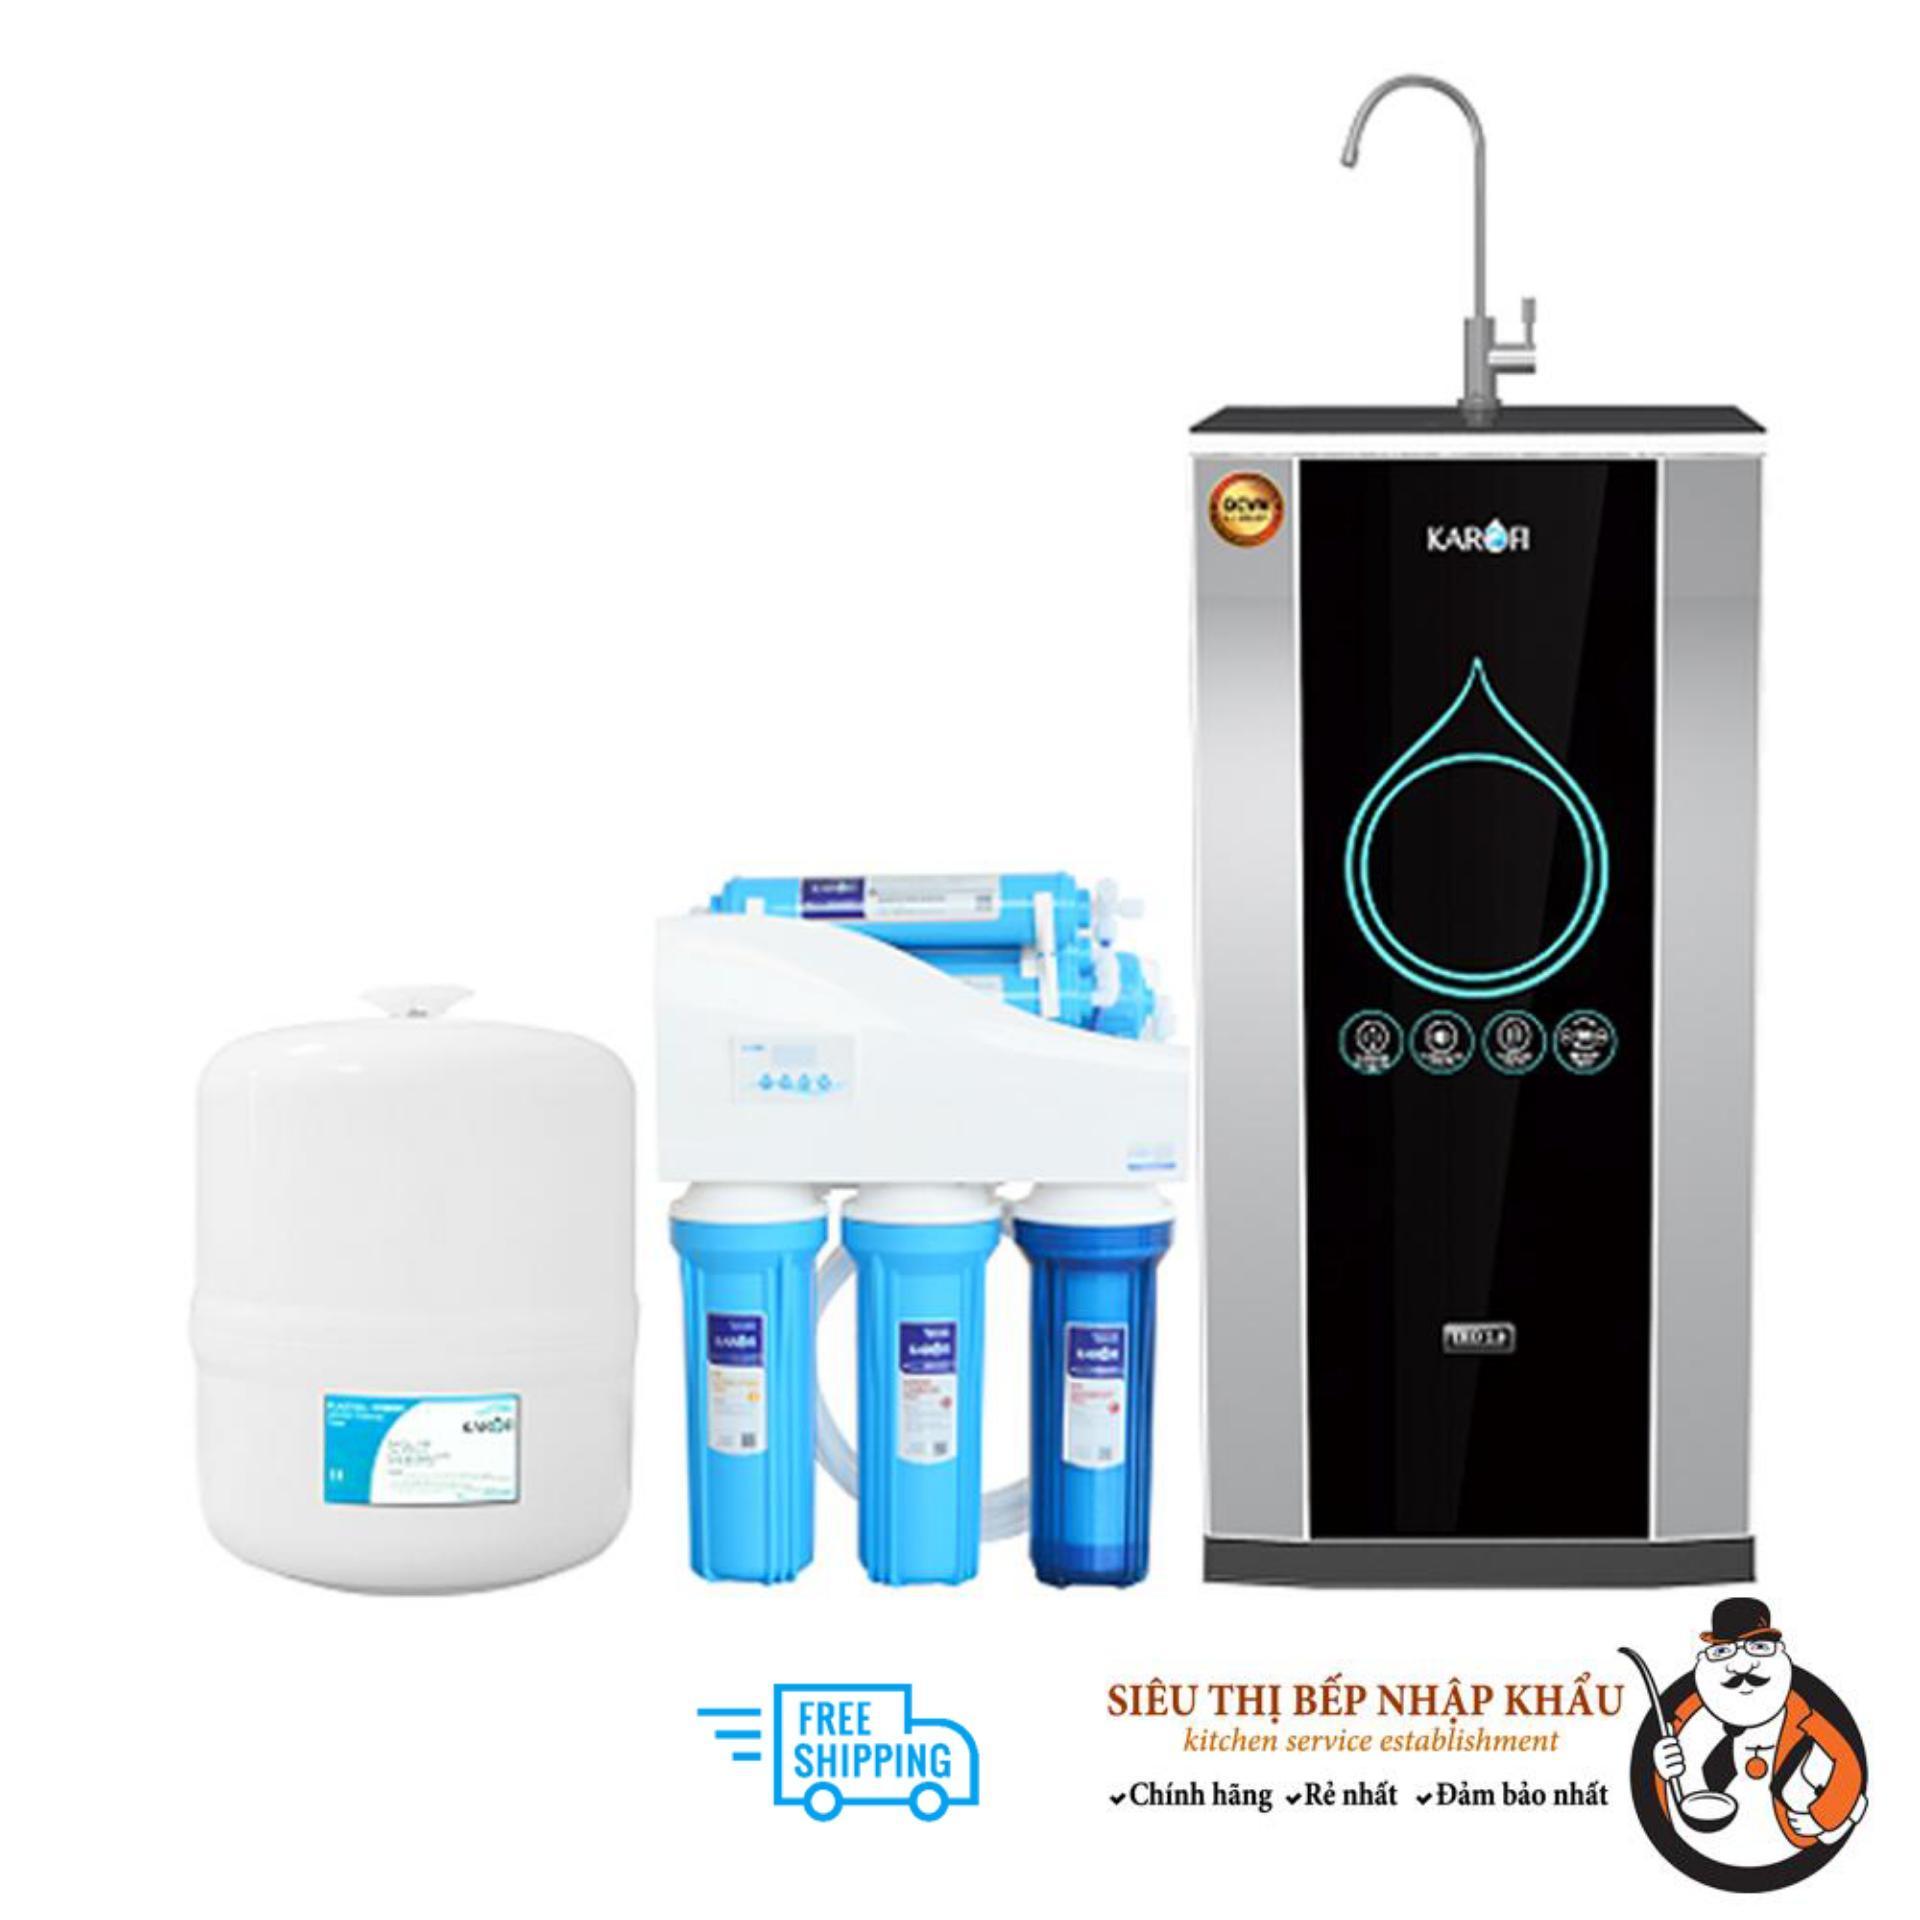 Máy lọc nước thông minh IRO 2.0 Karofi, 8 cấp, tủ IQ, Model: K8IQ-2